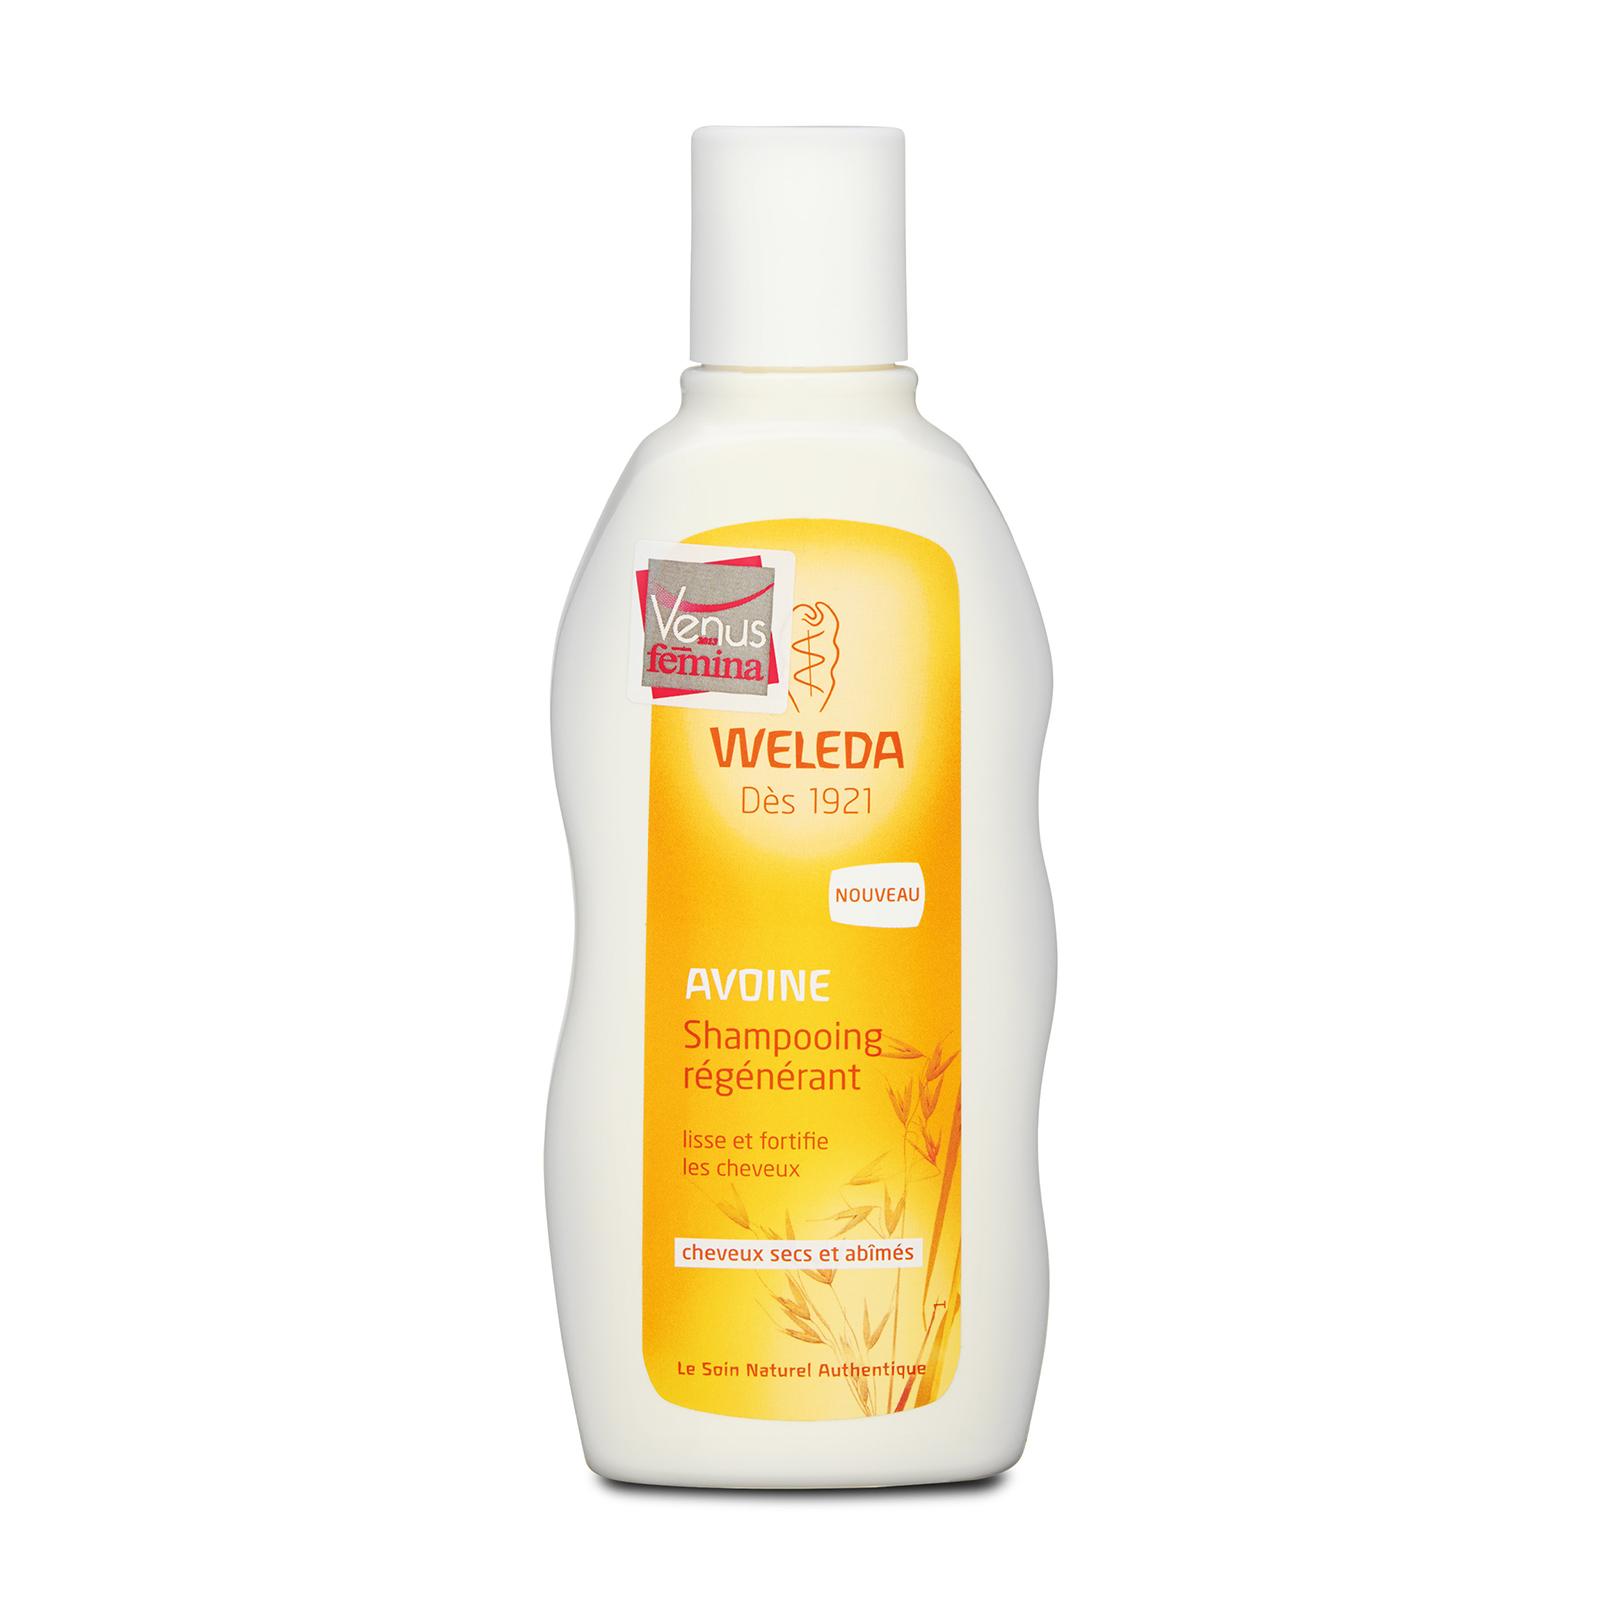 Weleda  Oat Regenerating Shampoo 190ml,